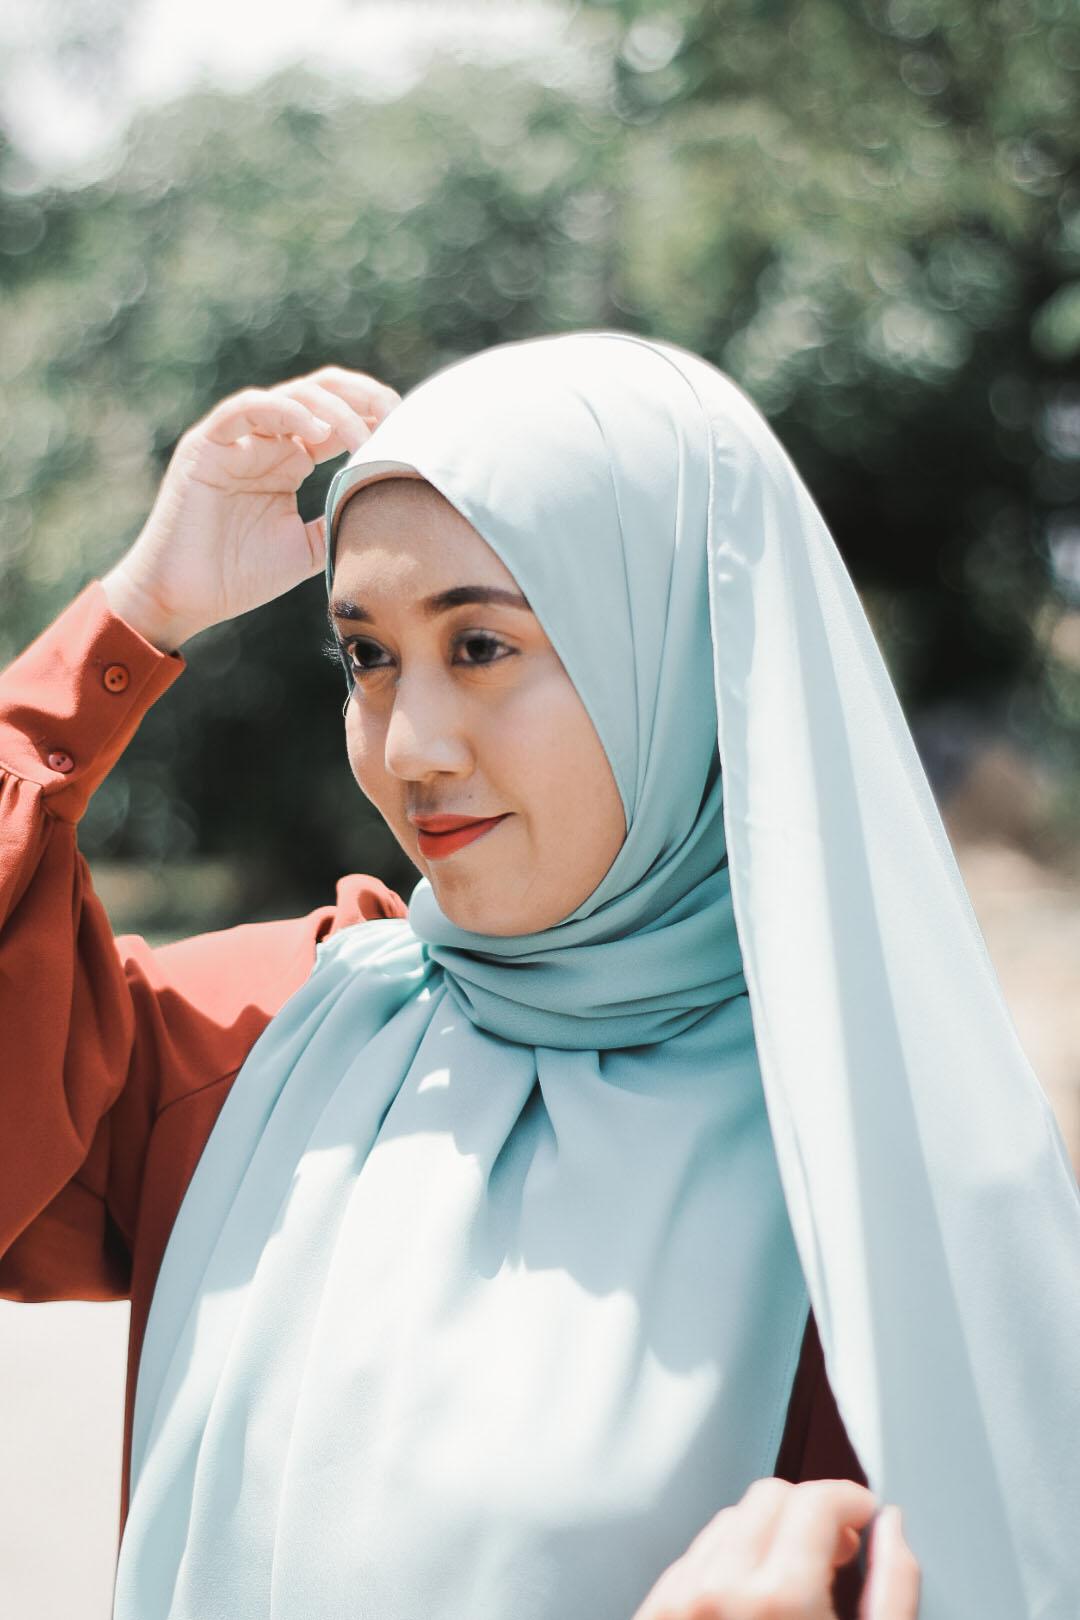 Marhuna Tampil Dengan Rekaan Hijab Shawl Berbentuk Pensel Pertama di Malaysia